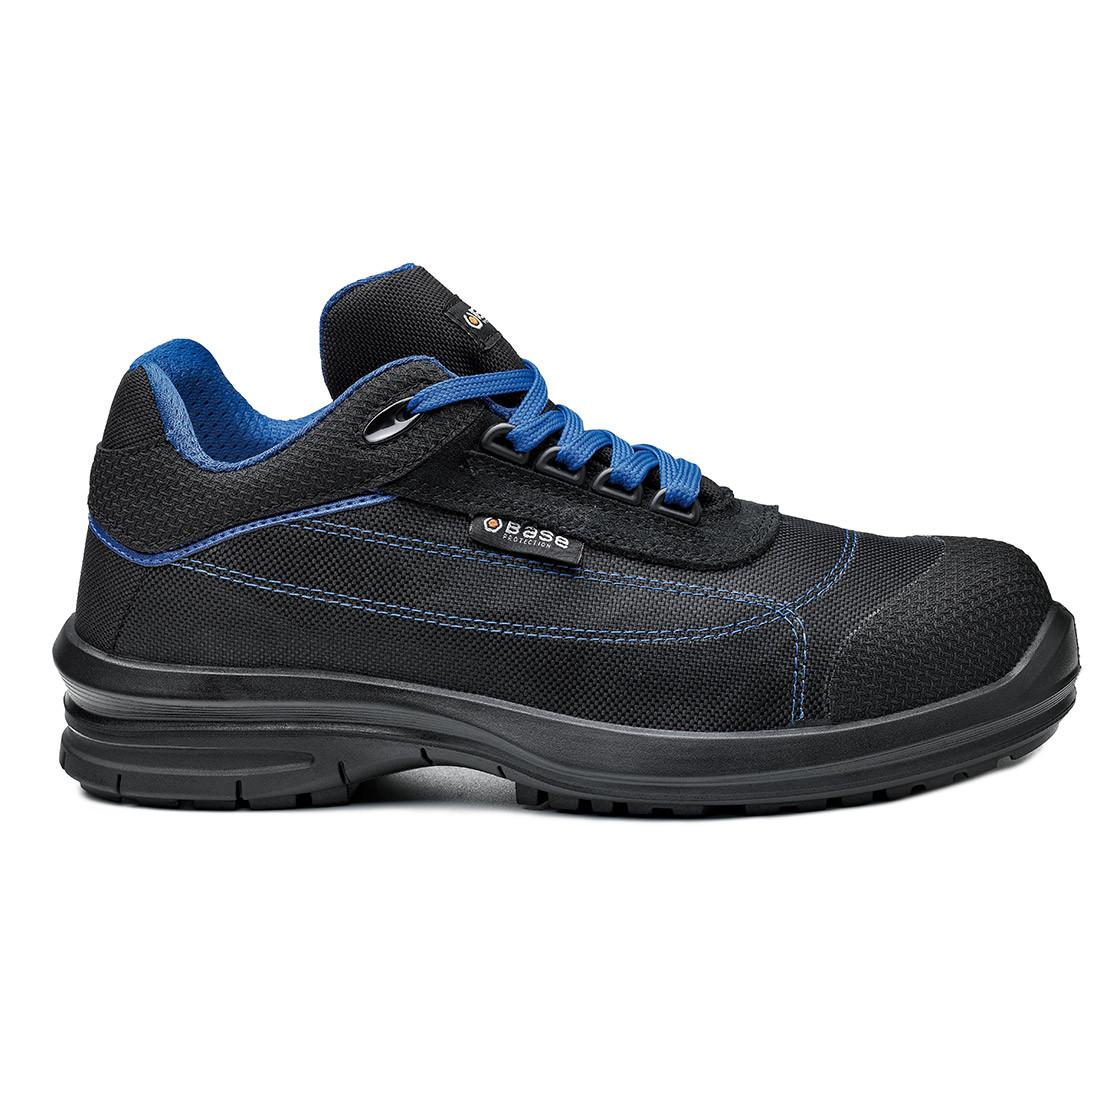 Pantofi Pulsar S1P SRC - Incaltaminte de protectie